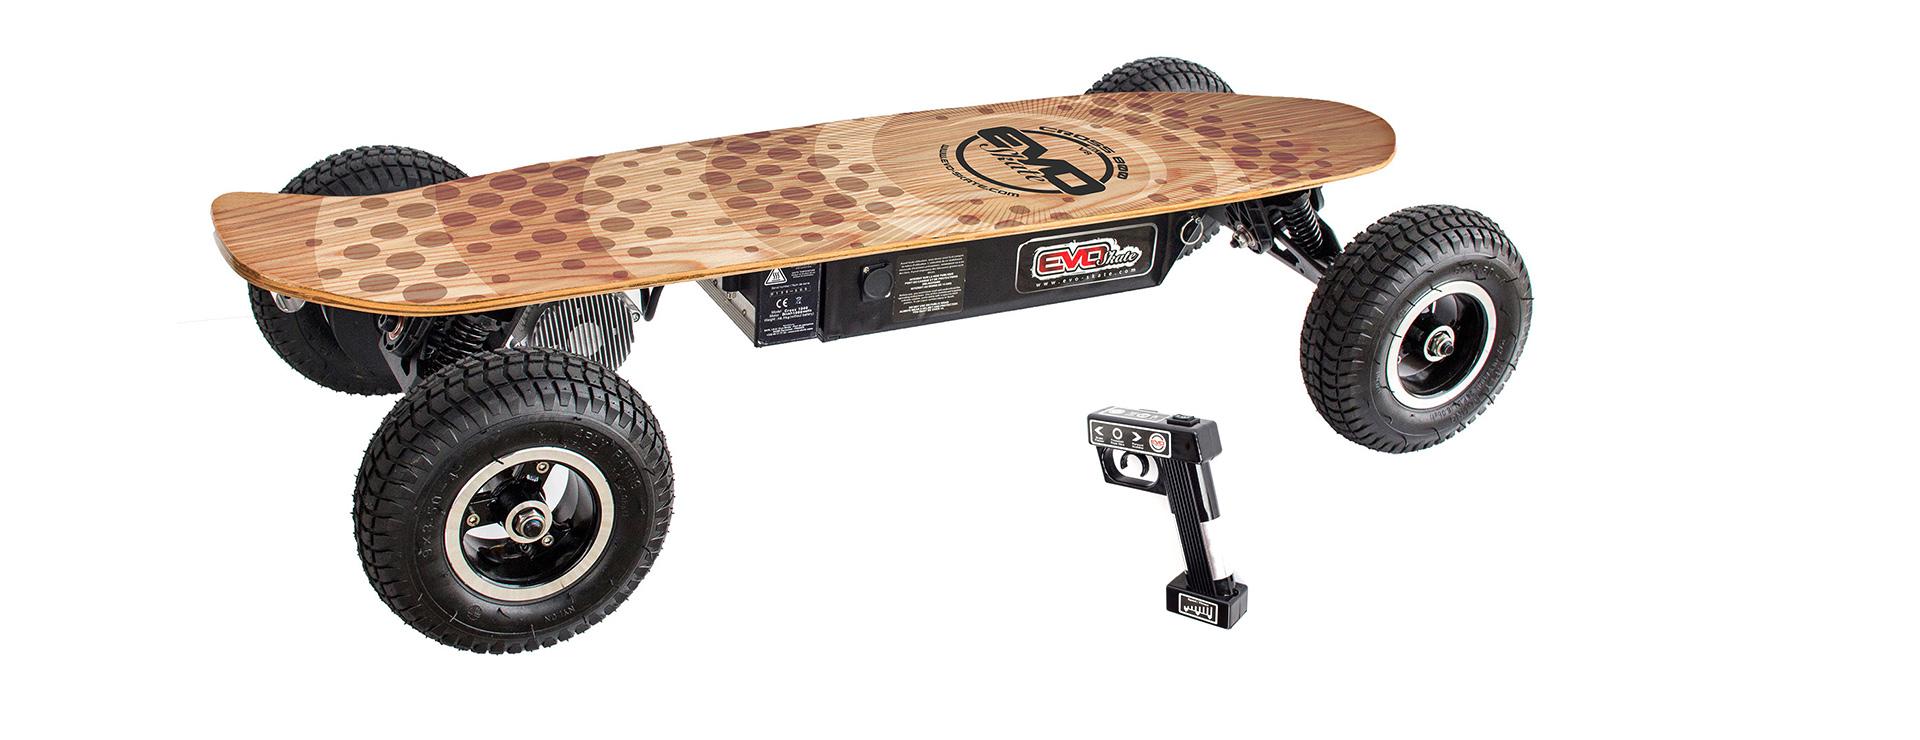 skate lectrique tout terrain cross800 v8. Black Bedroom Furniture Sets. Home Design Ideas